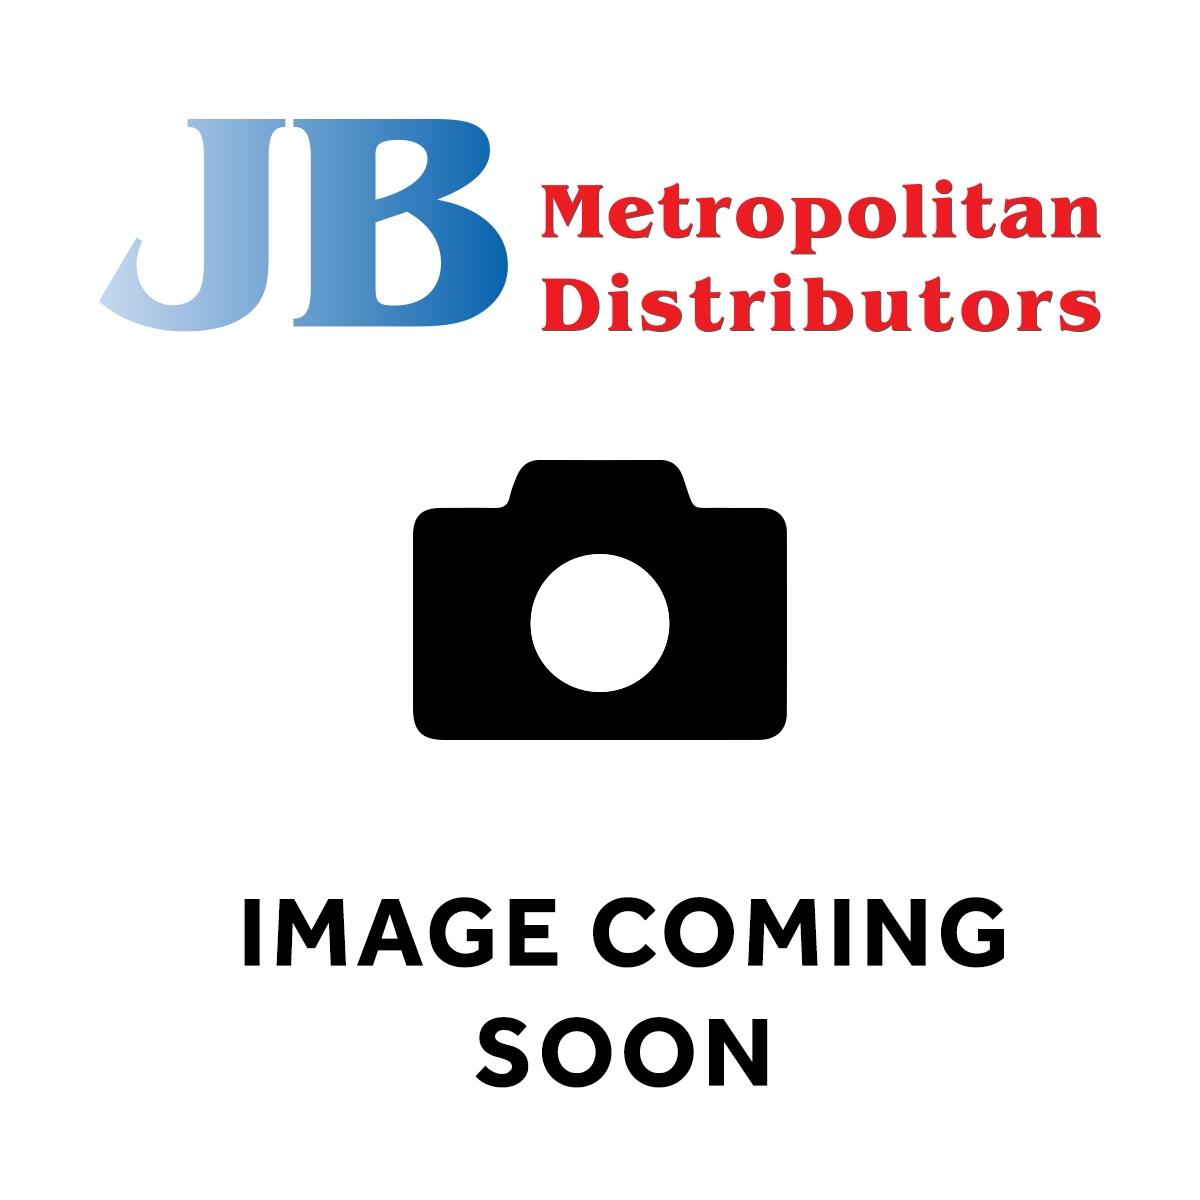 50G MOCCONA CLASSIC